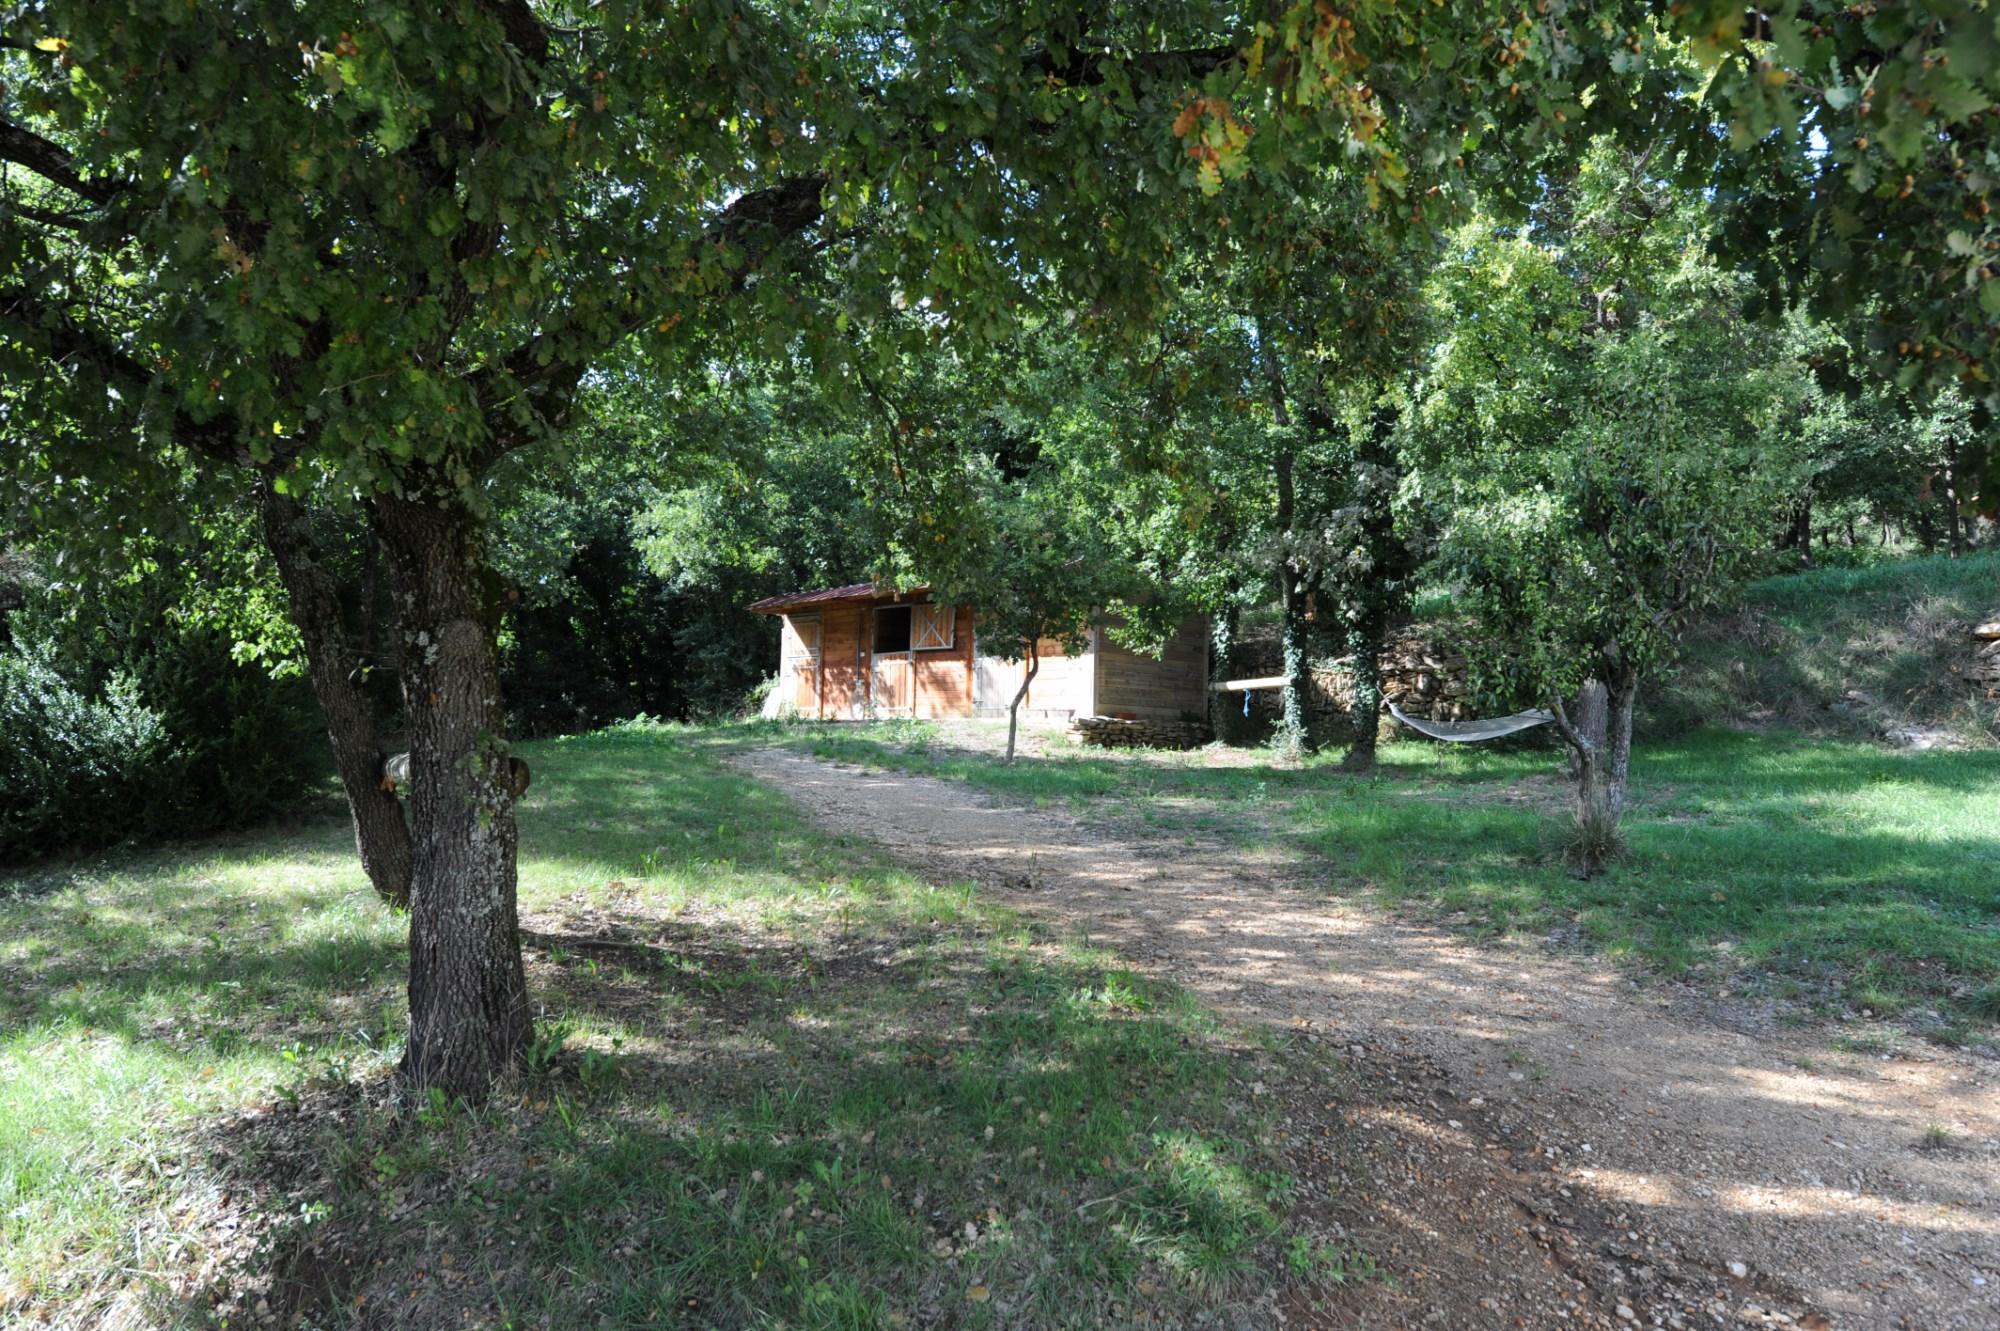 En vente,  à l'orée d'un village du Luberon, propriété sur environ 3 hectares de terrain